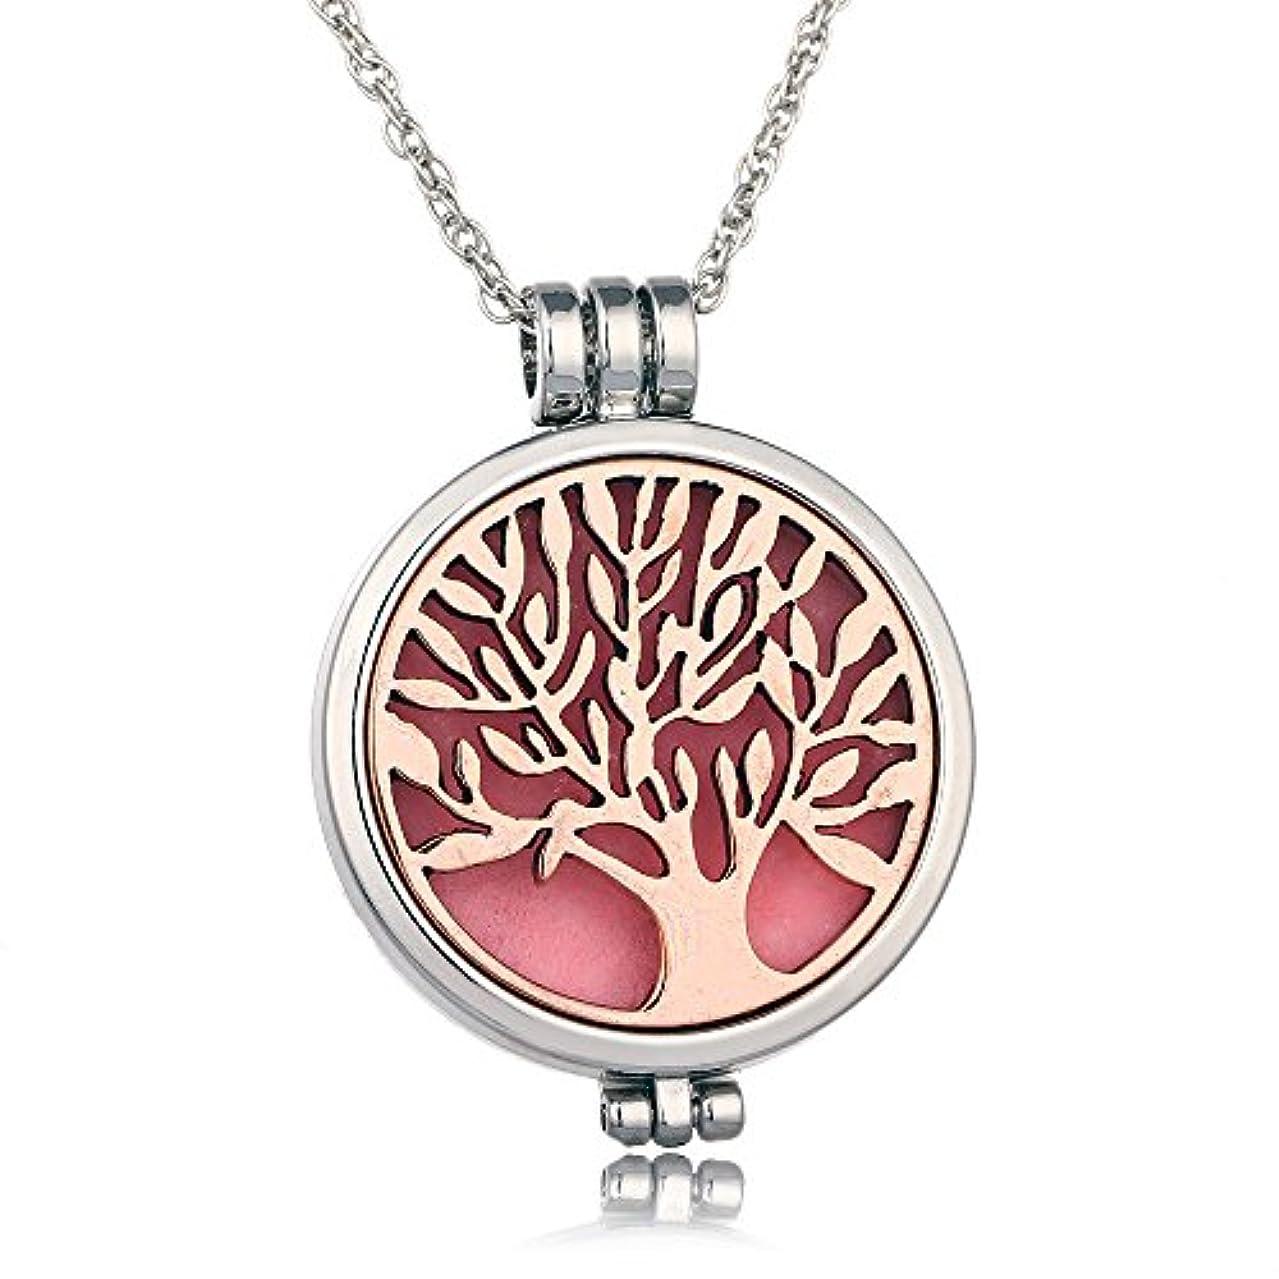 人物変化するコンサートThe Tree Of Life ,光FragranceネックレスEssential Oil Diffuser with 6フェルトパッド